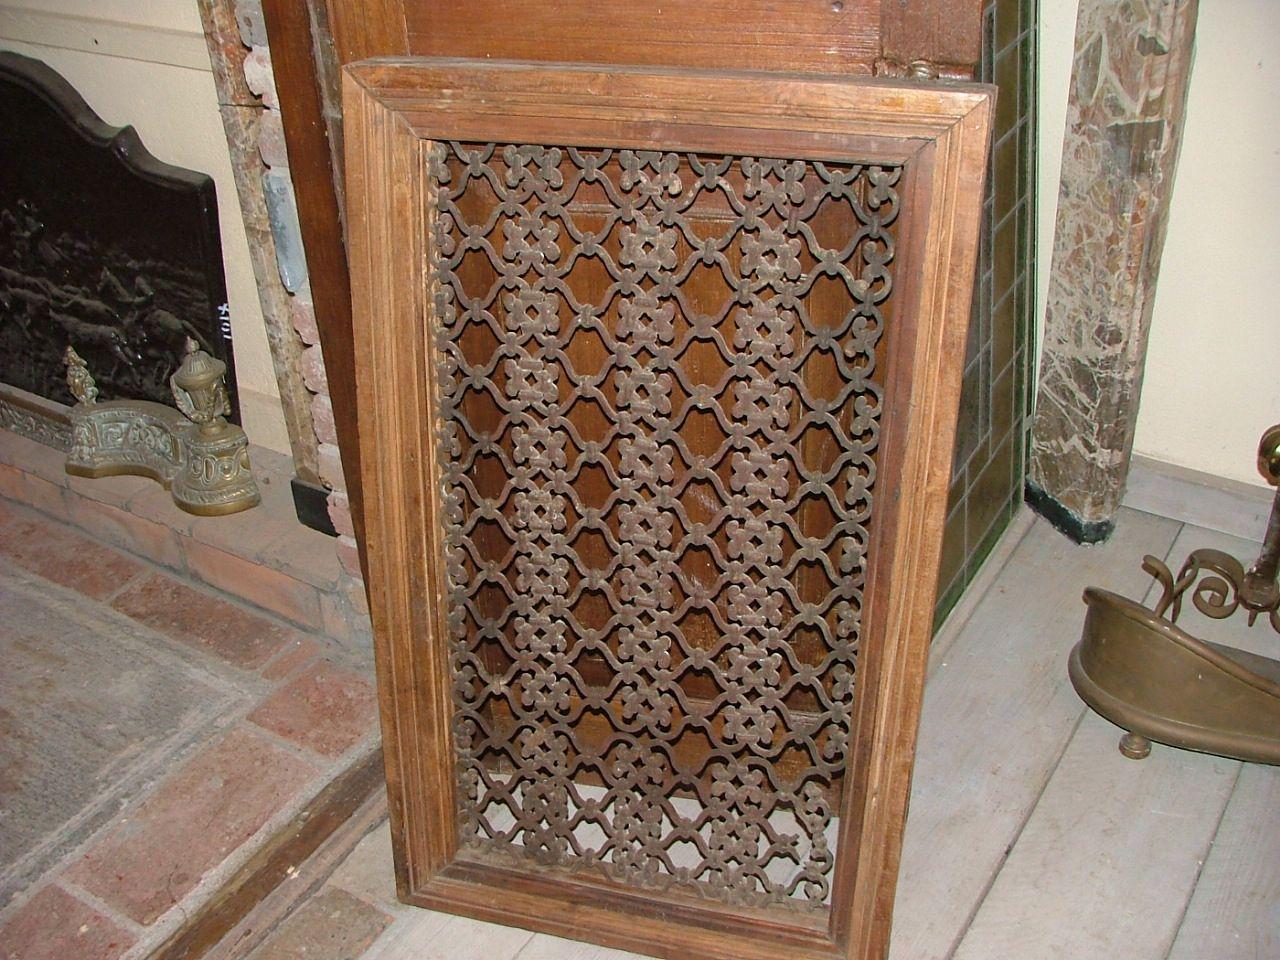 Grate in ferro e legno antiche antiquariato su anticoantico - Di trani porte ...